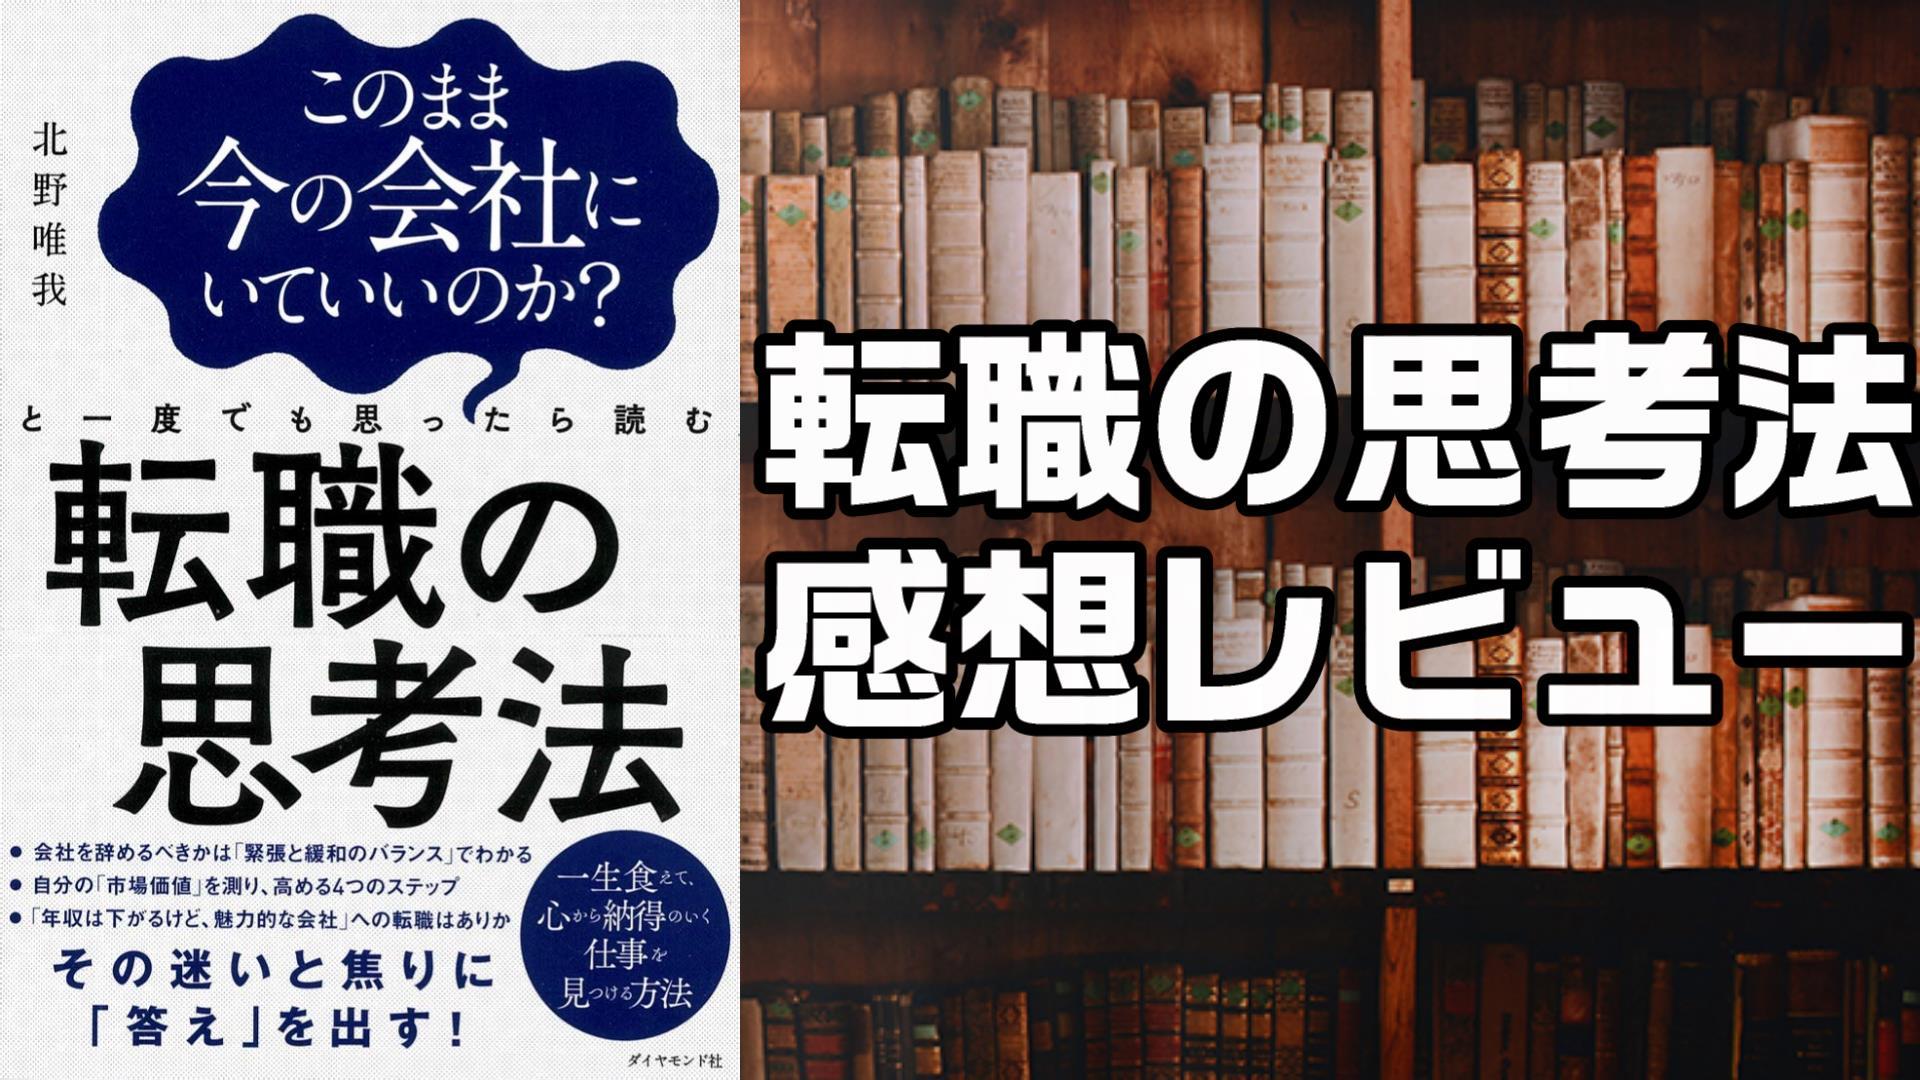 『転職の思考法』を読んでみてのまとめ感想レビュー!